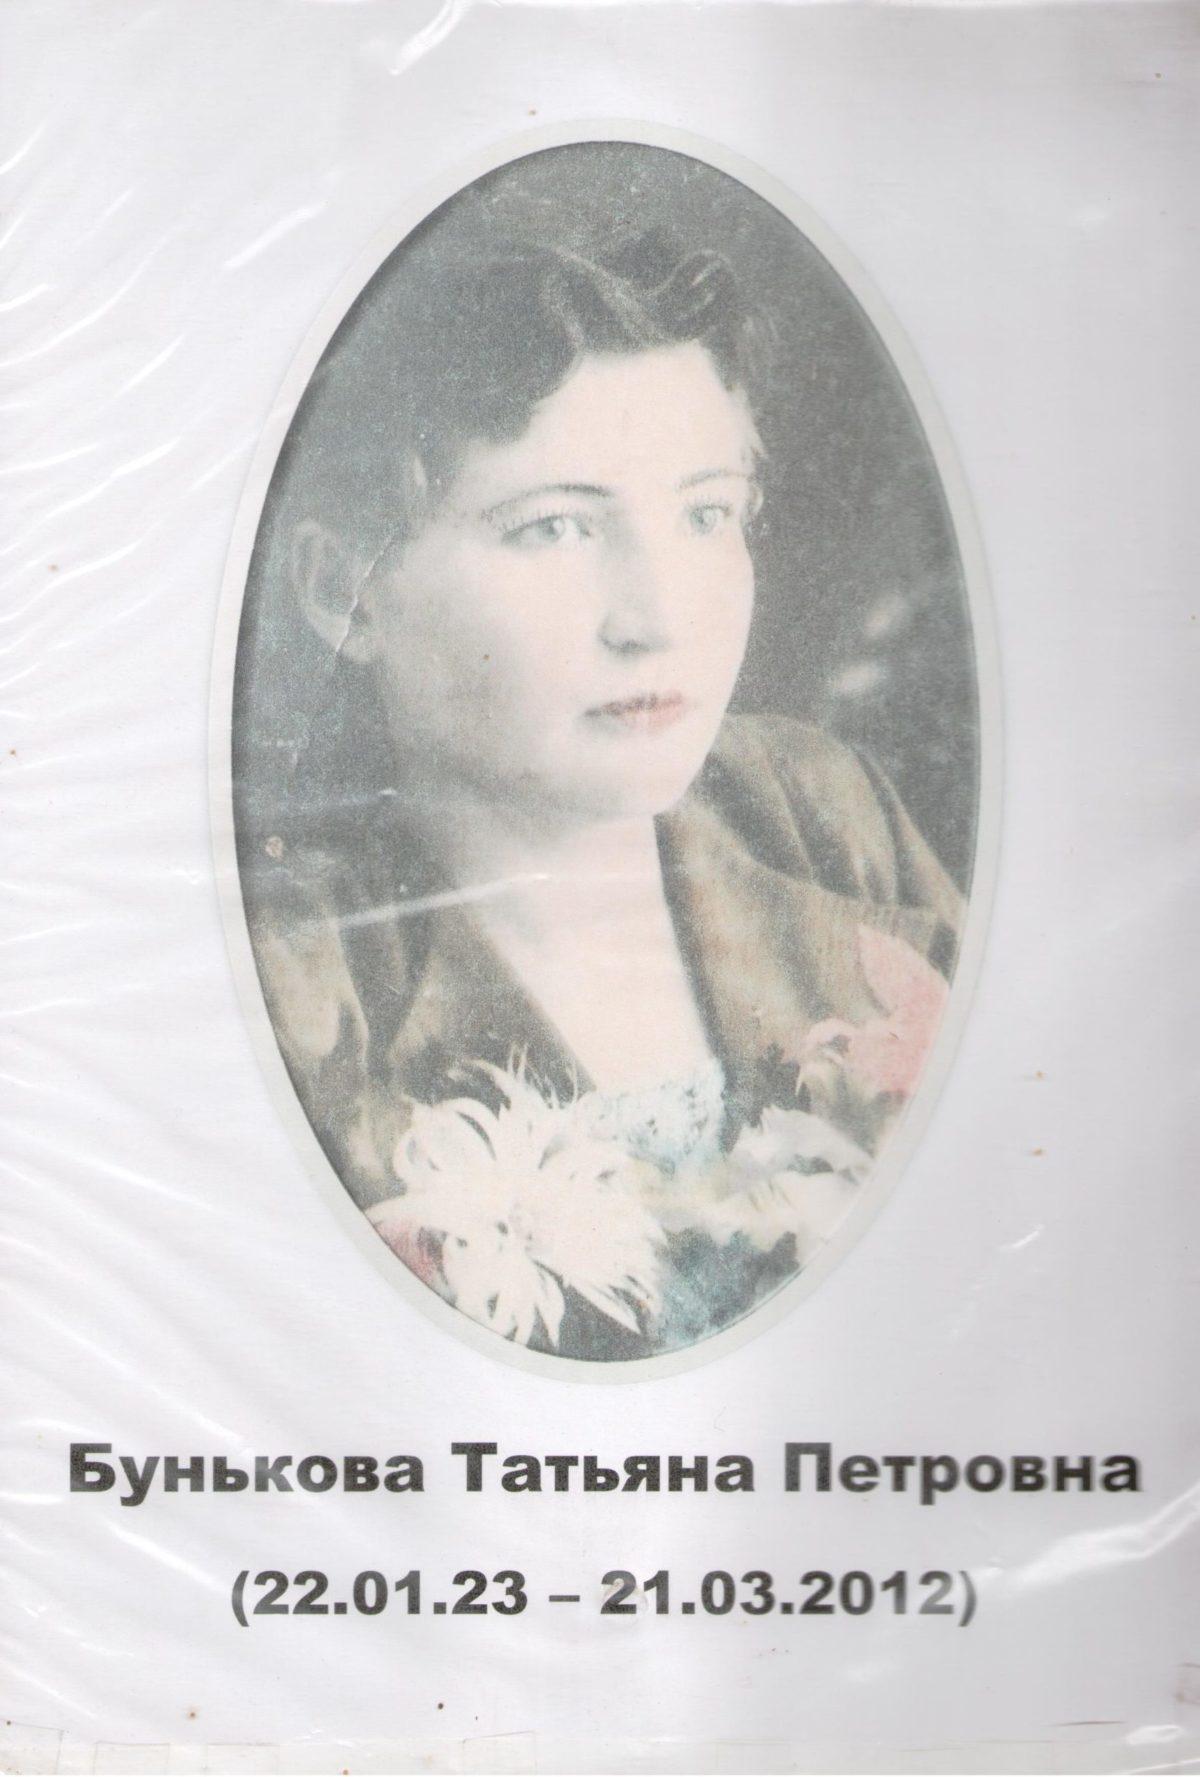 Бунькова Татьяна Петровна